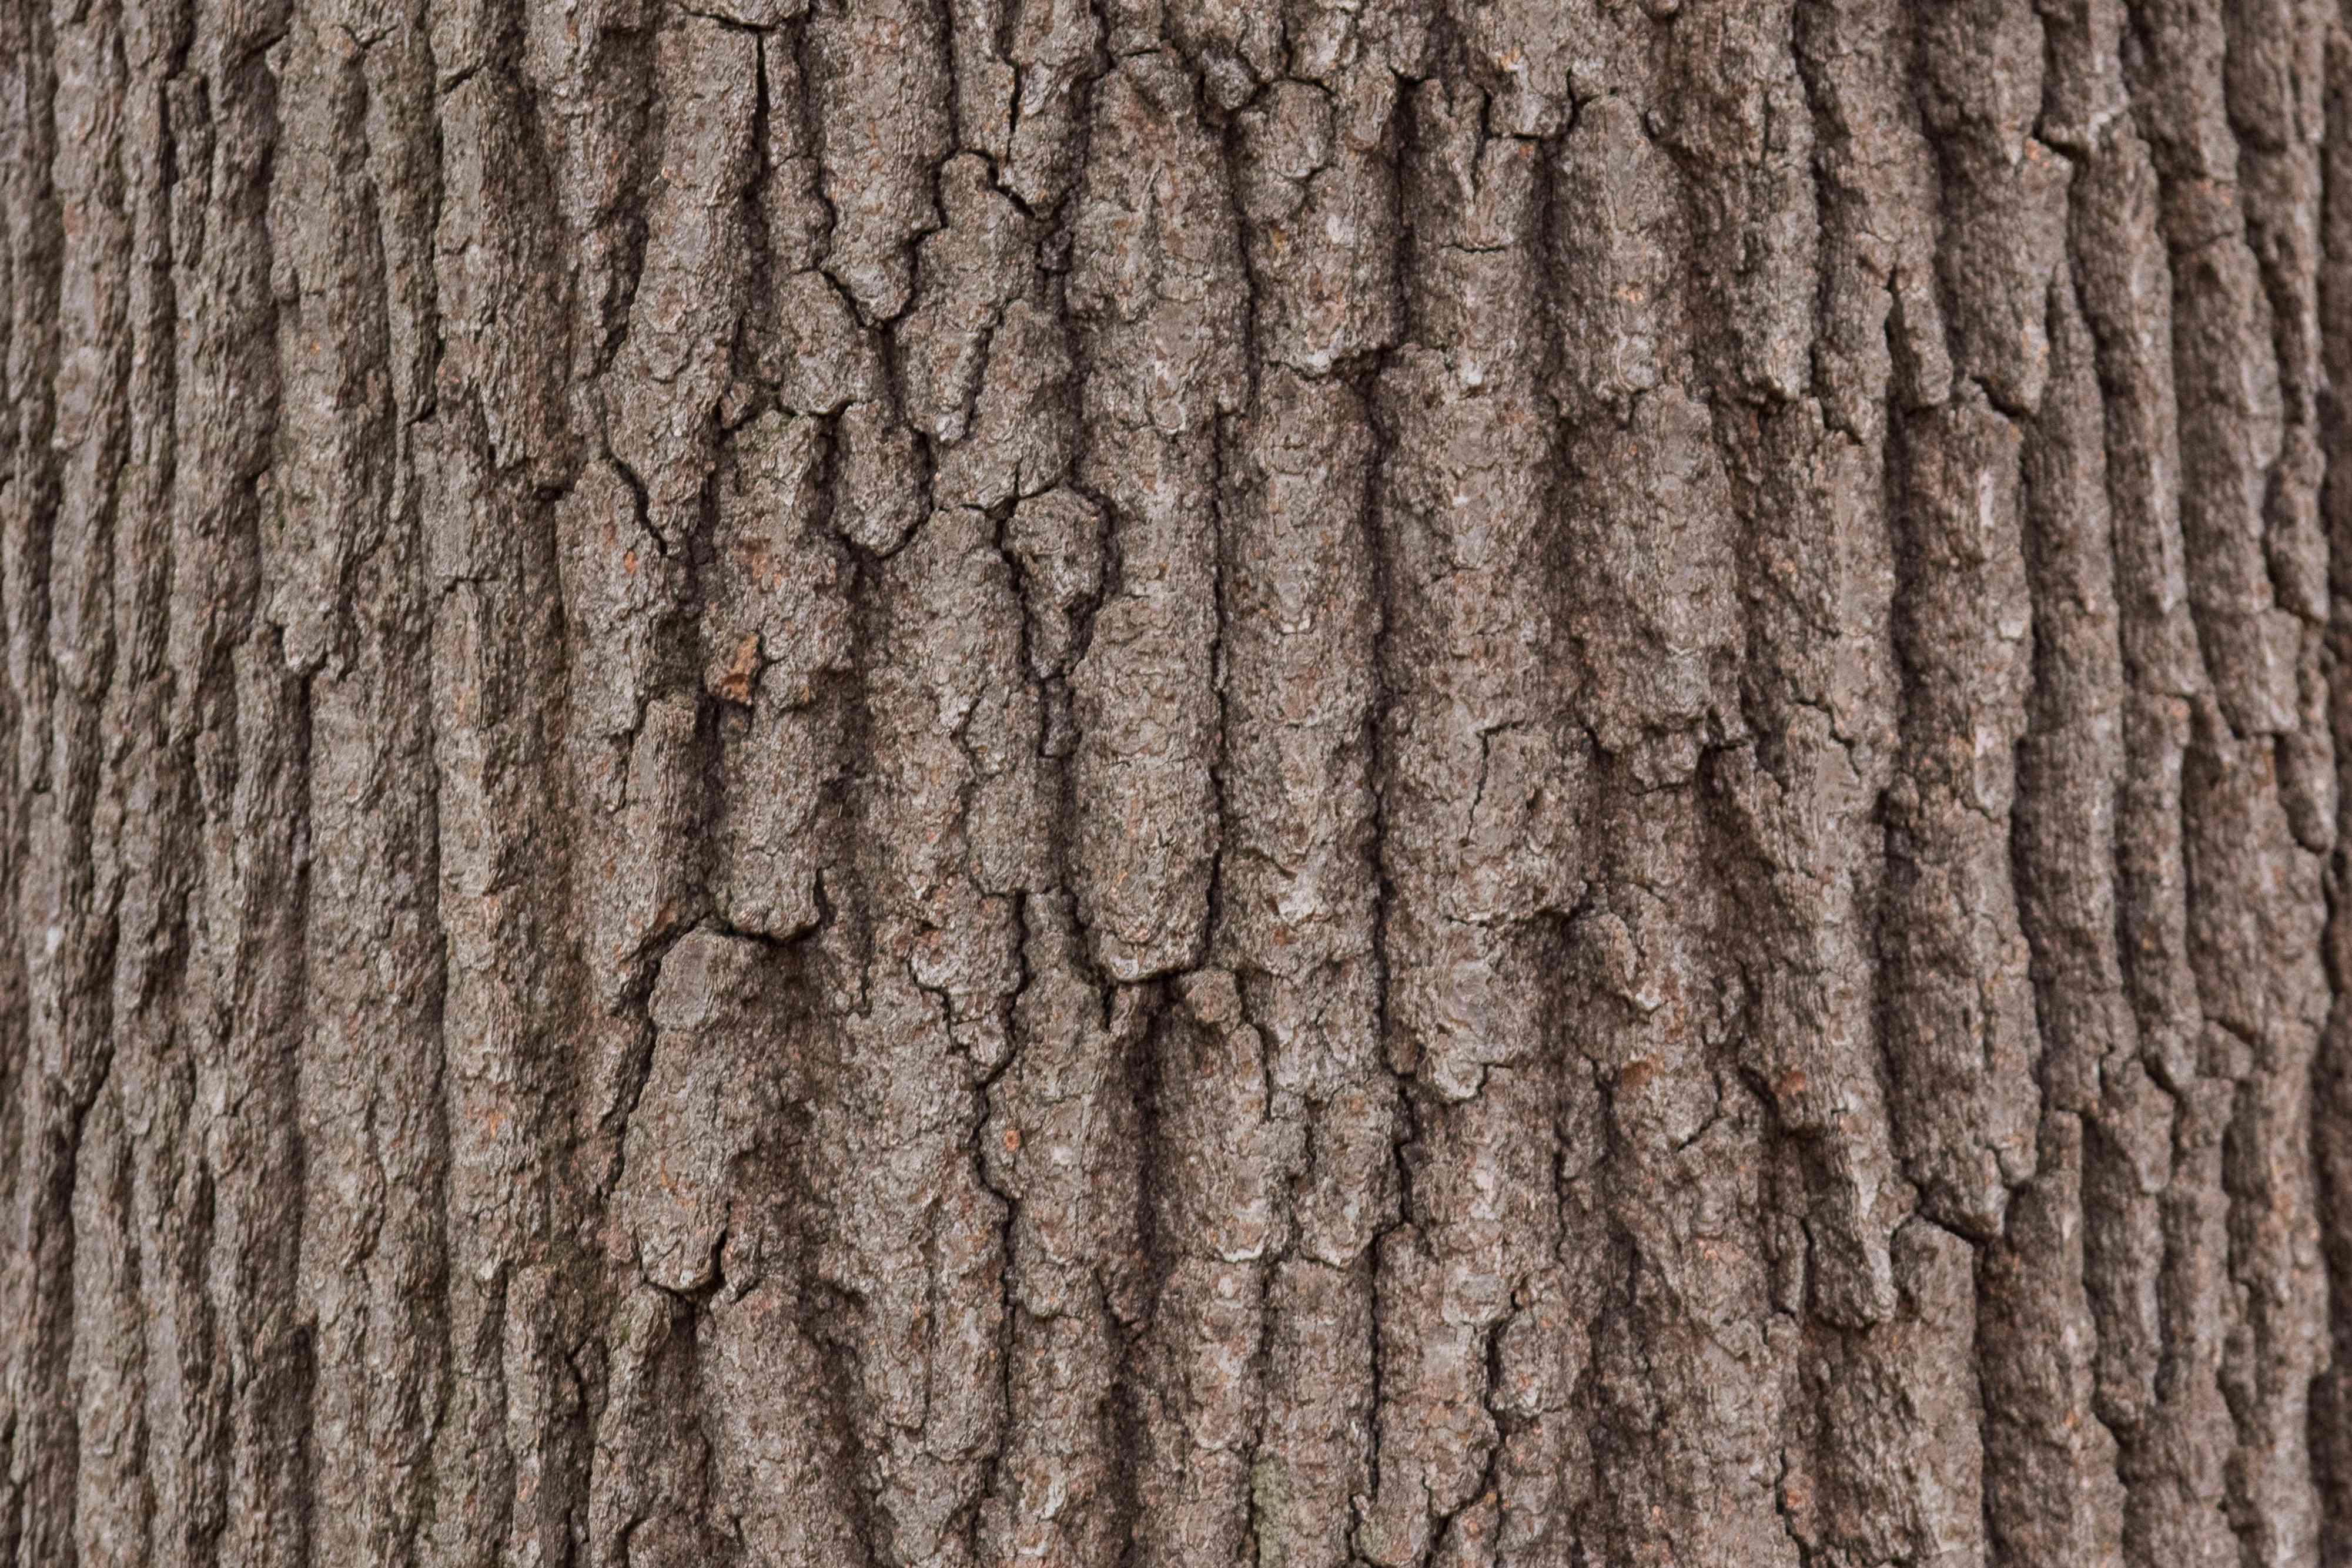 Close up of oak bark